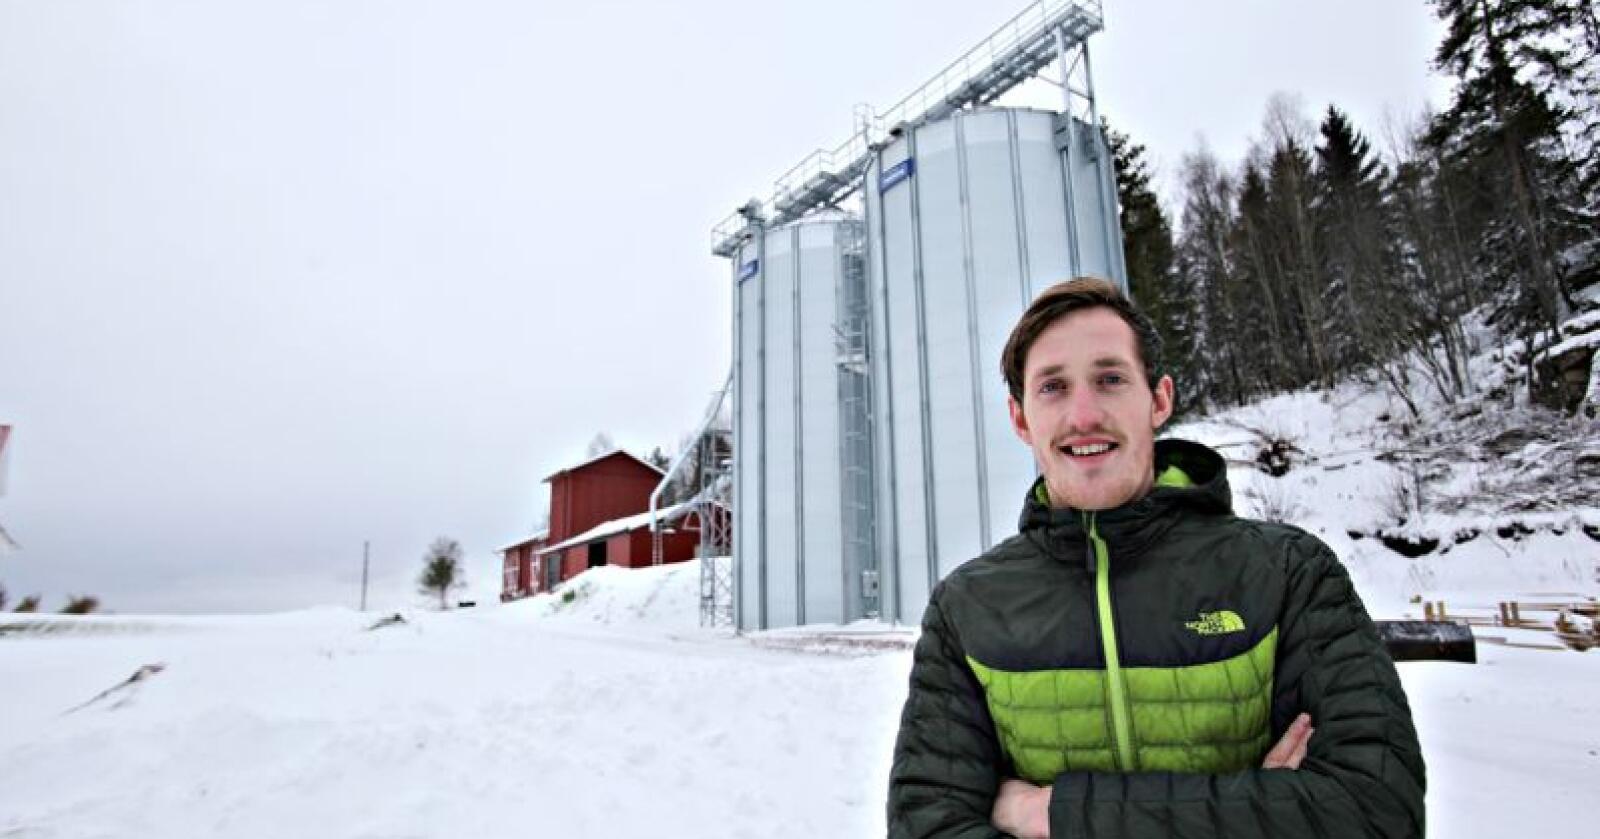 Kornsilo: Ola Skinnes driver korn i samdrift, og fikk bygget ny korntørke og kornlager i fjor. (Foto: Stian Eide)